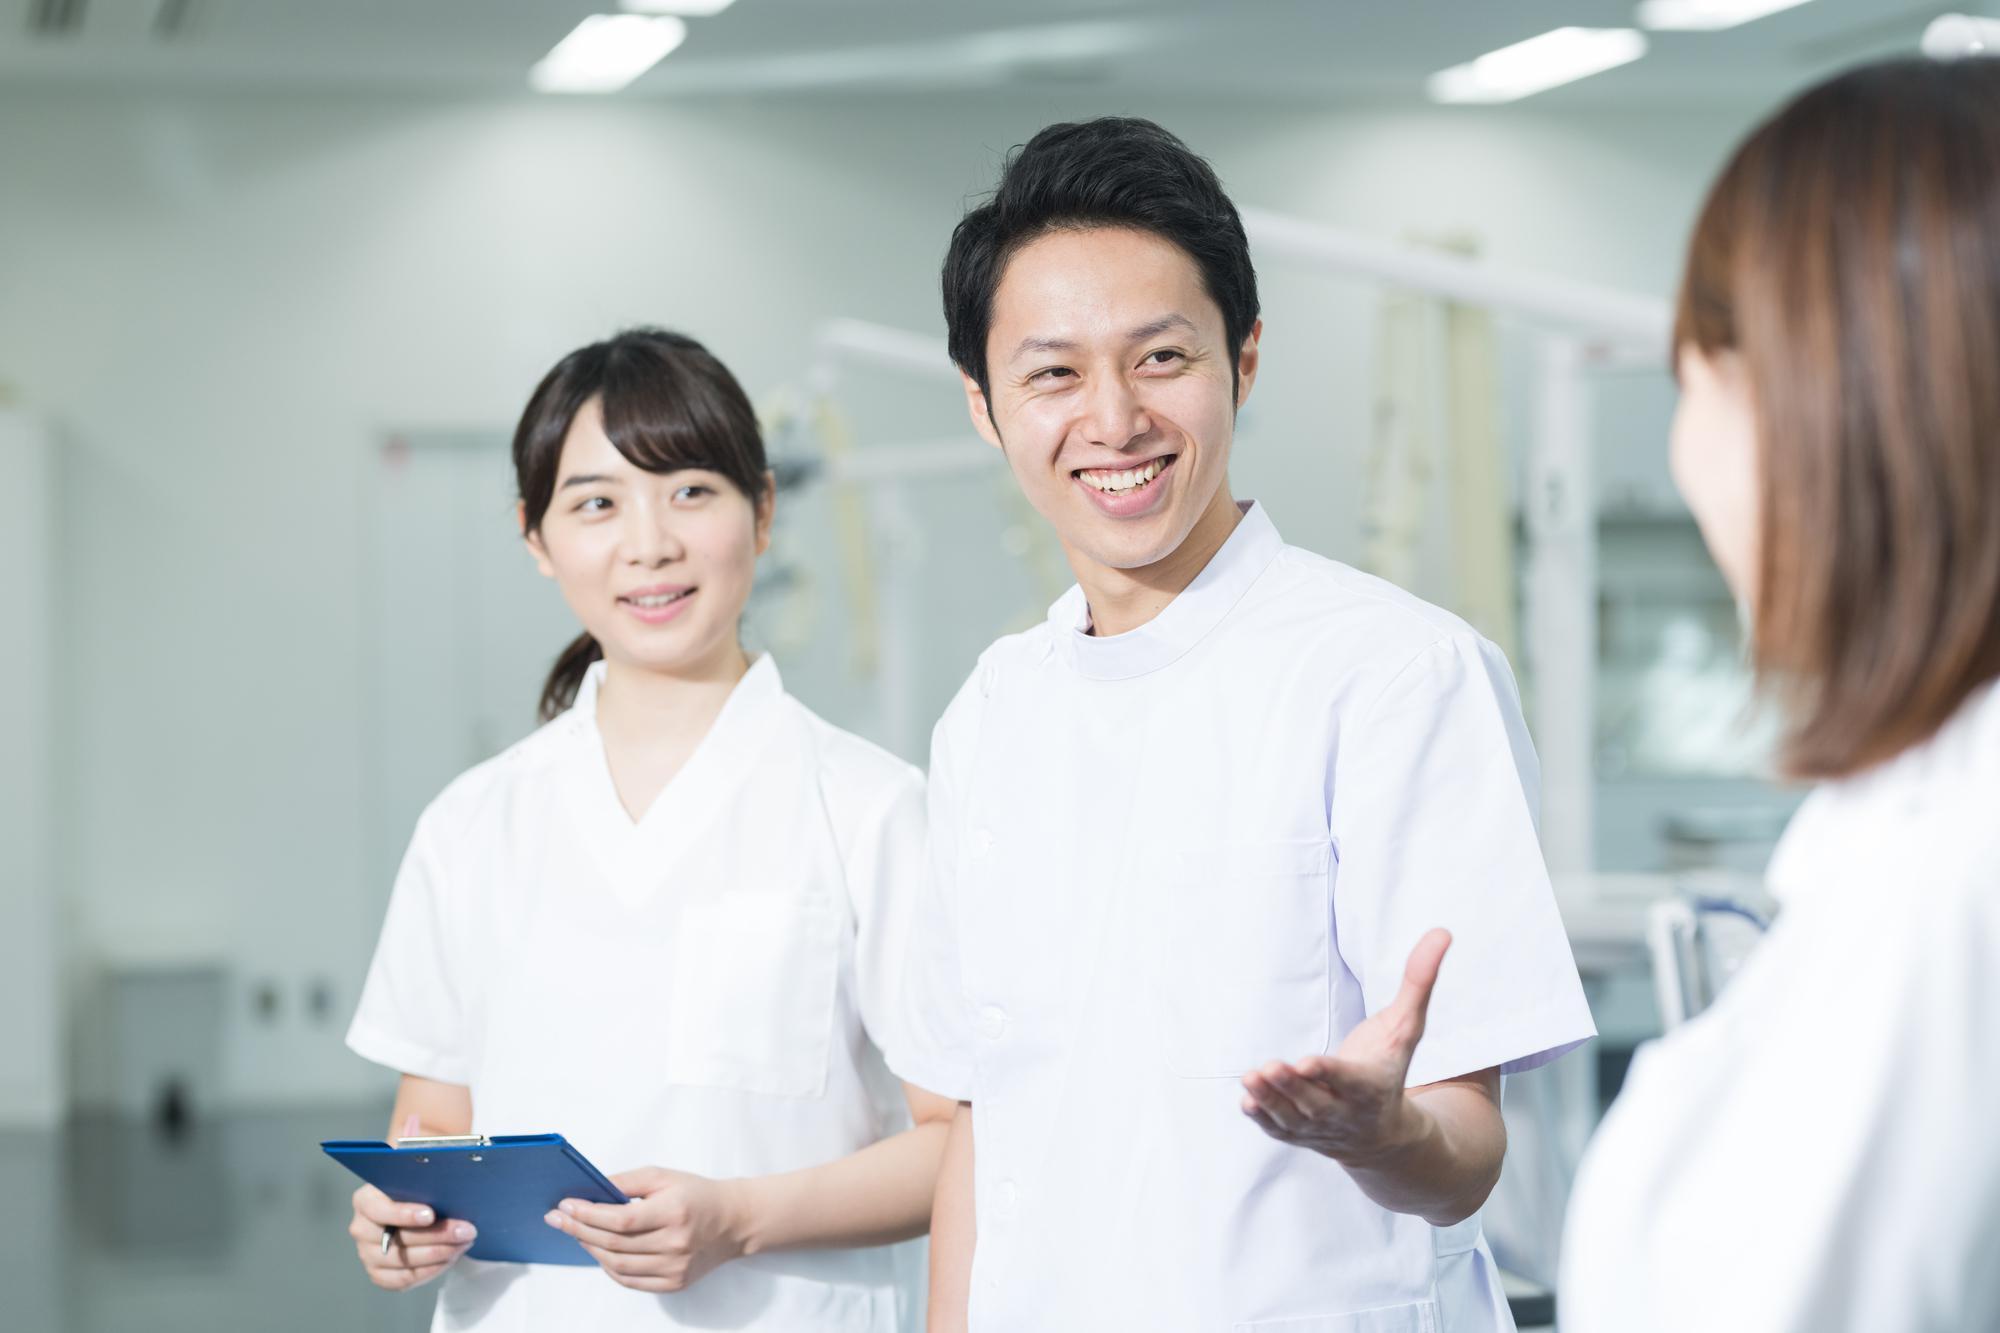 歯医者さんで相談する女性患者